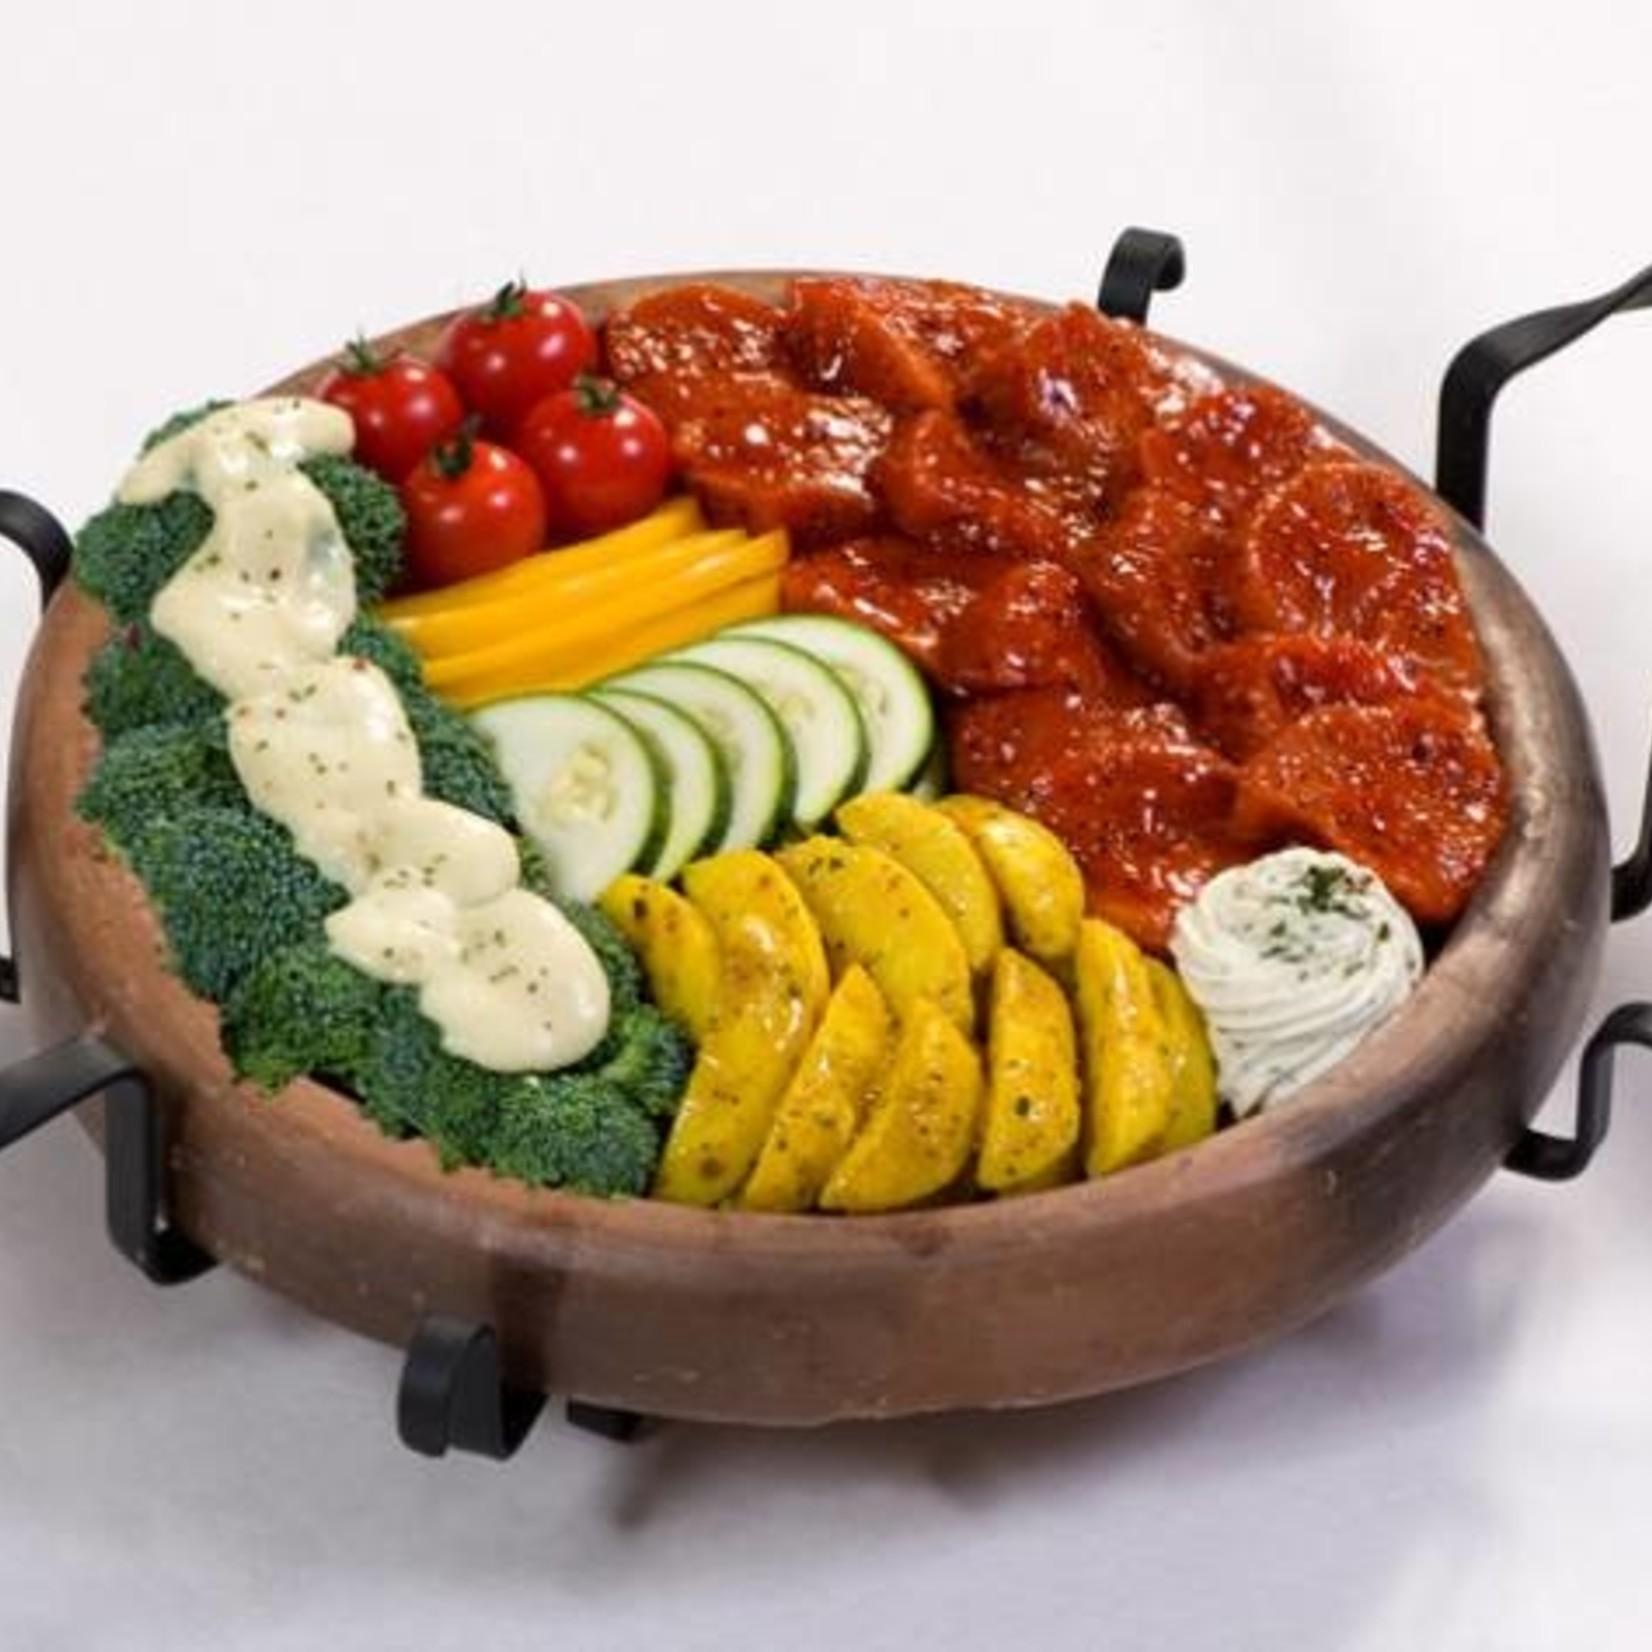 Smulsteen culinair | Per stuk (Slagerij Gerritschen)